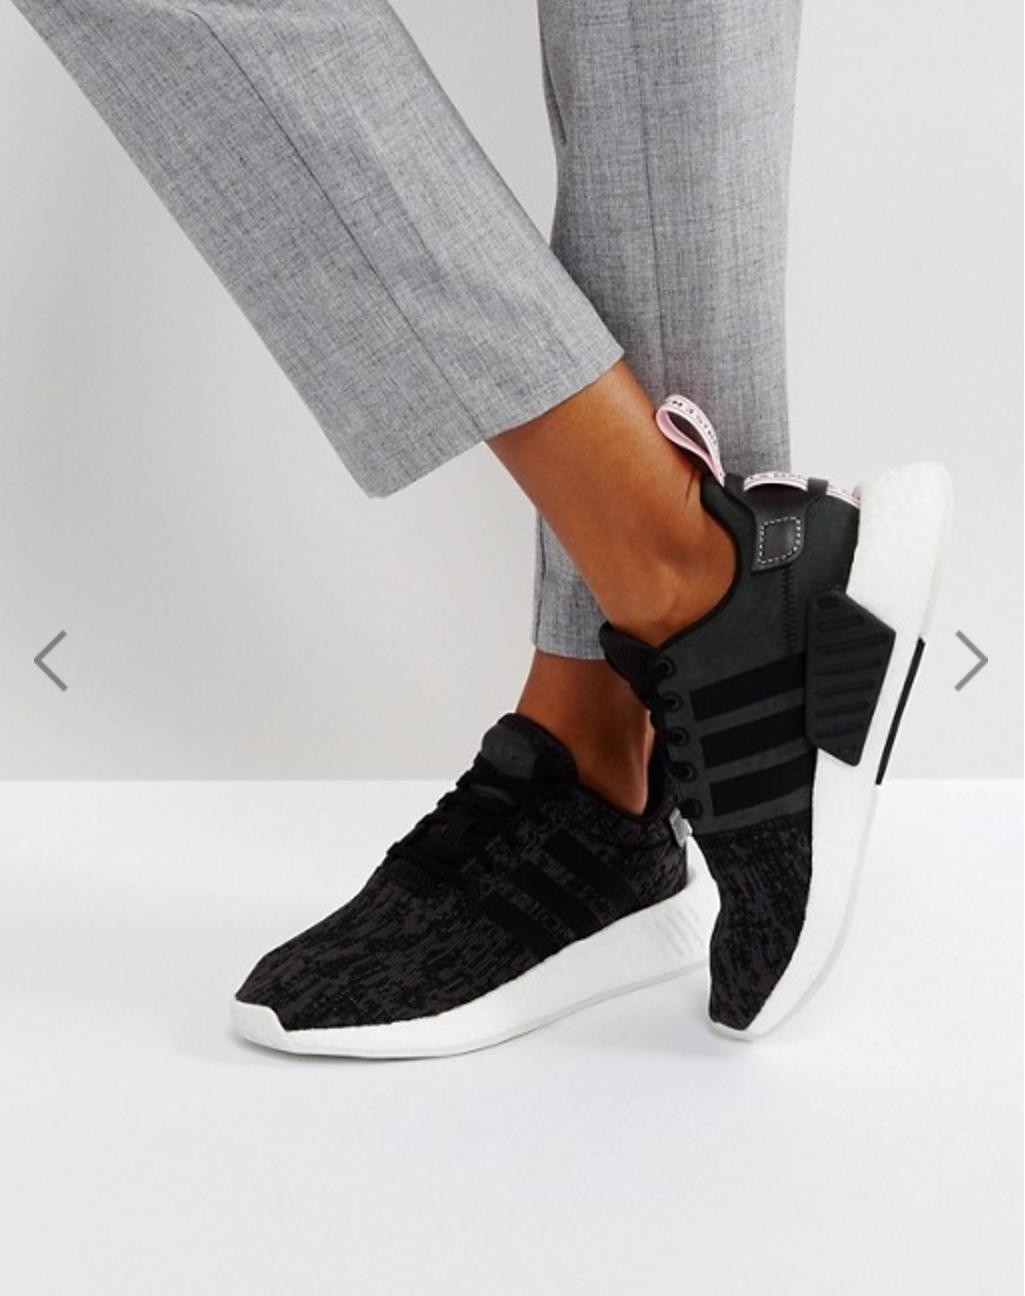 adidas originali e r2 scarpe in scarpe nere pinterest